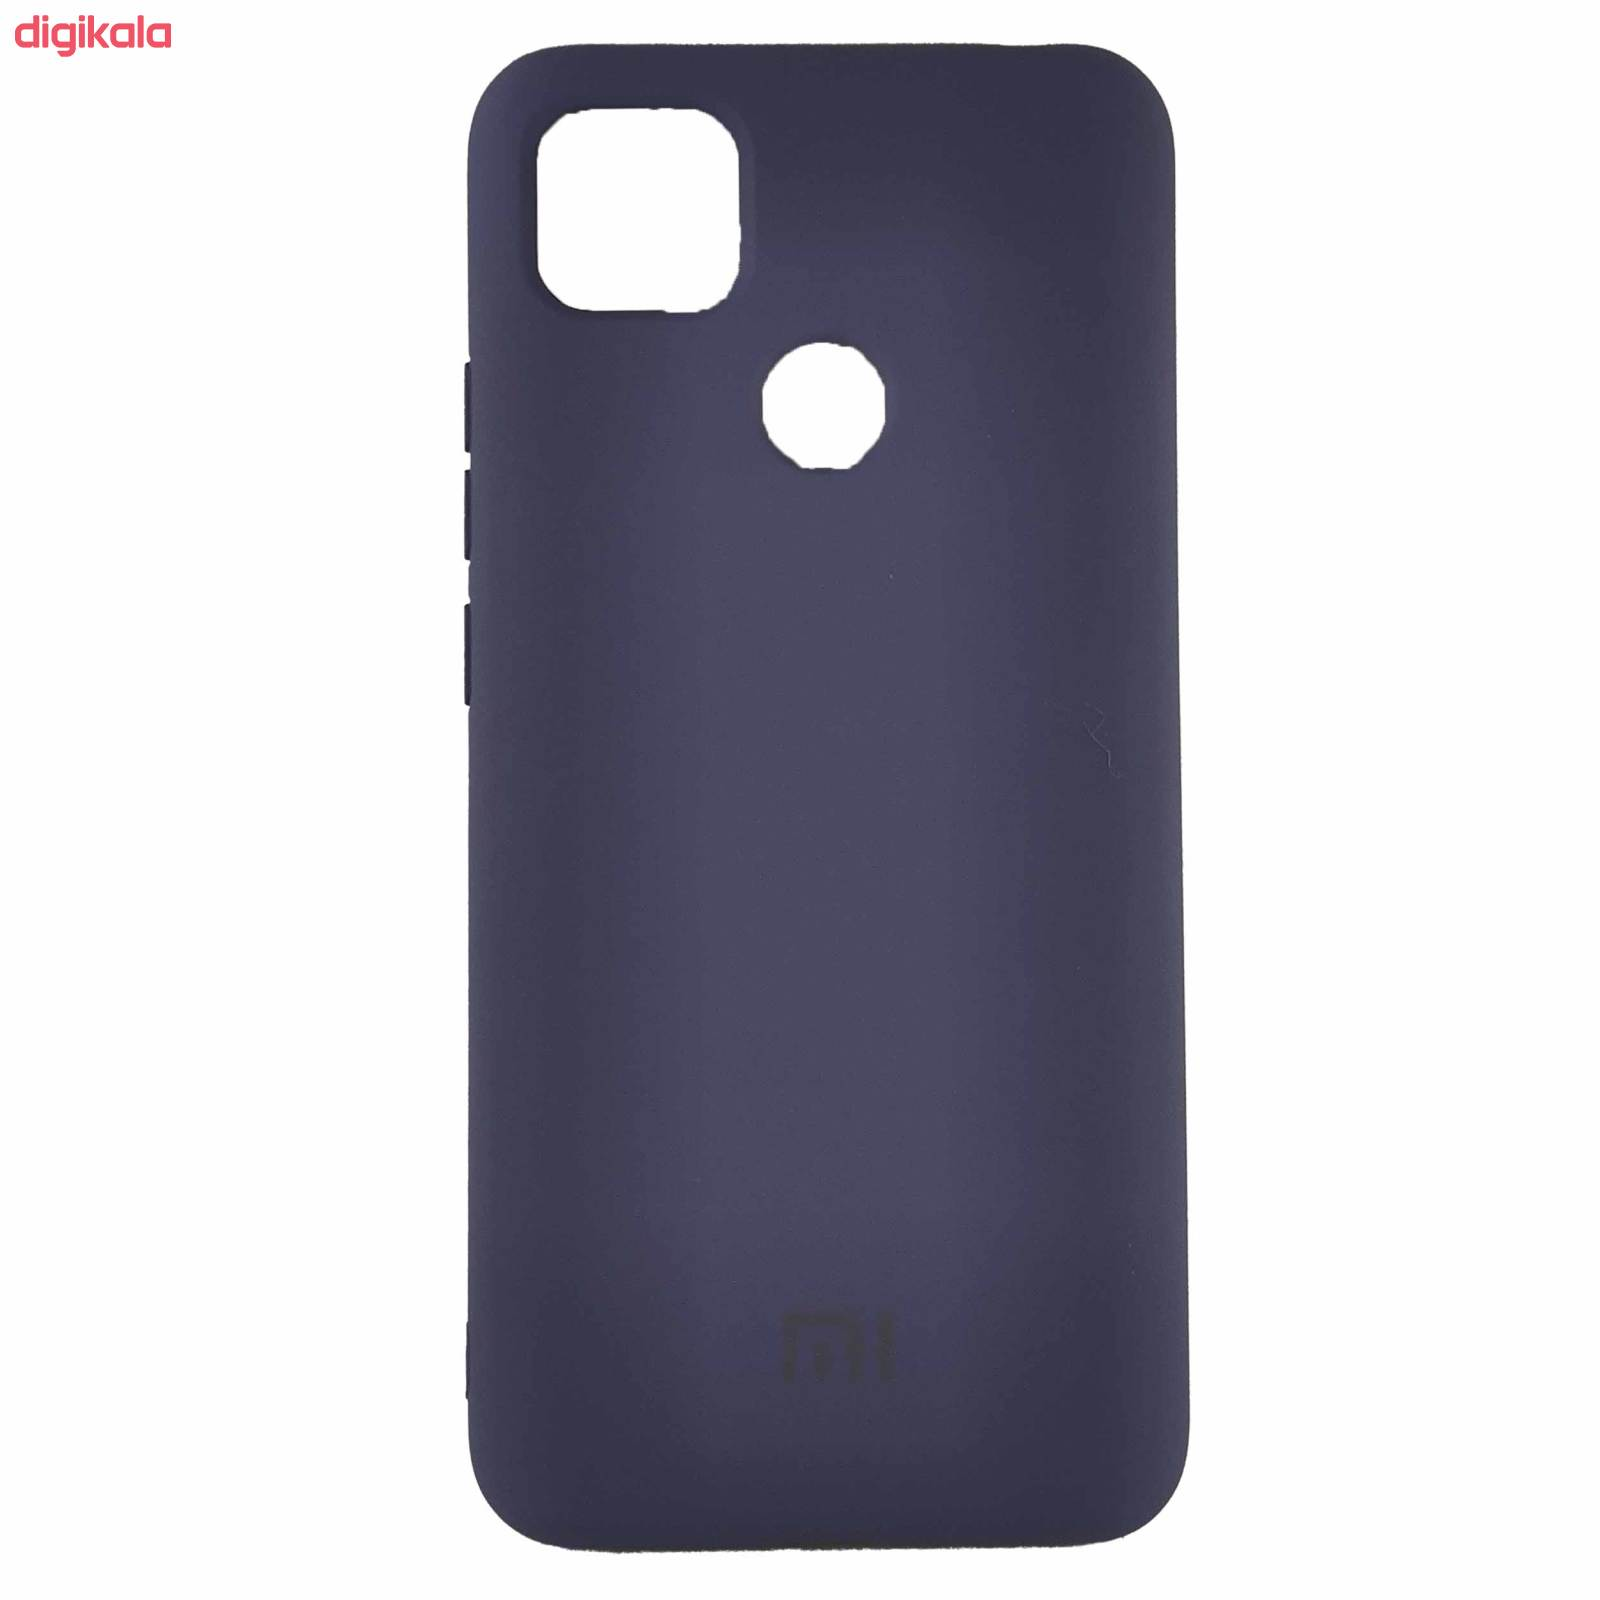 کاور مدل SLIKNI مناسب برای گوشی موبایل شیائومی Redmi 9c main 1 6